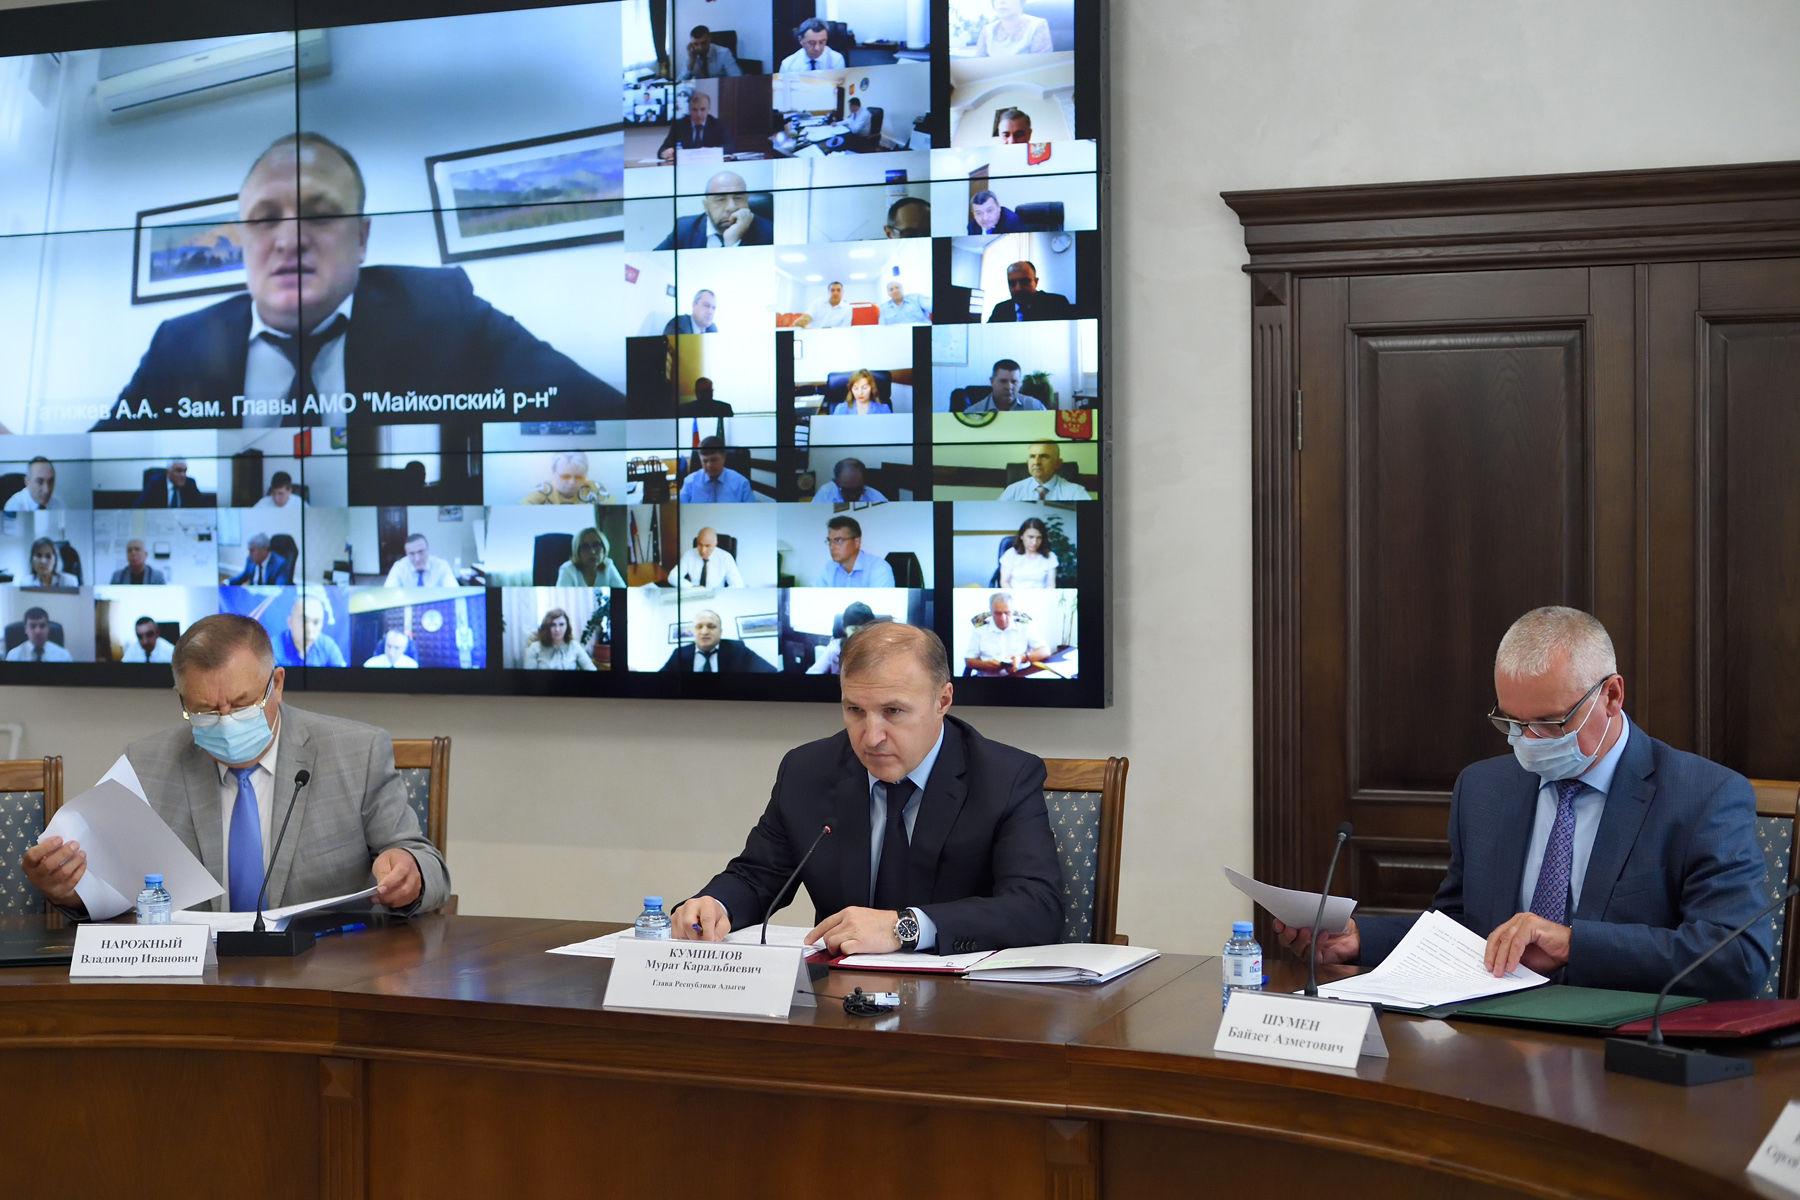 ©Фото Алексея Гусева, предоставлено пресс-службой главы Адыгеи